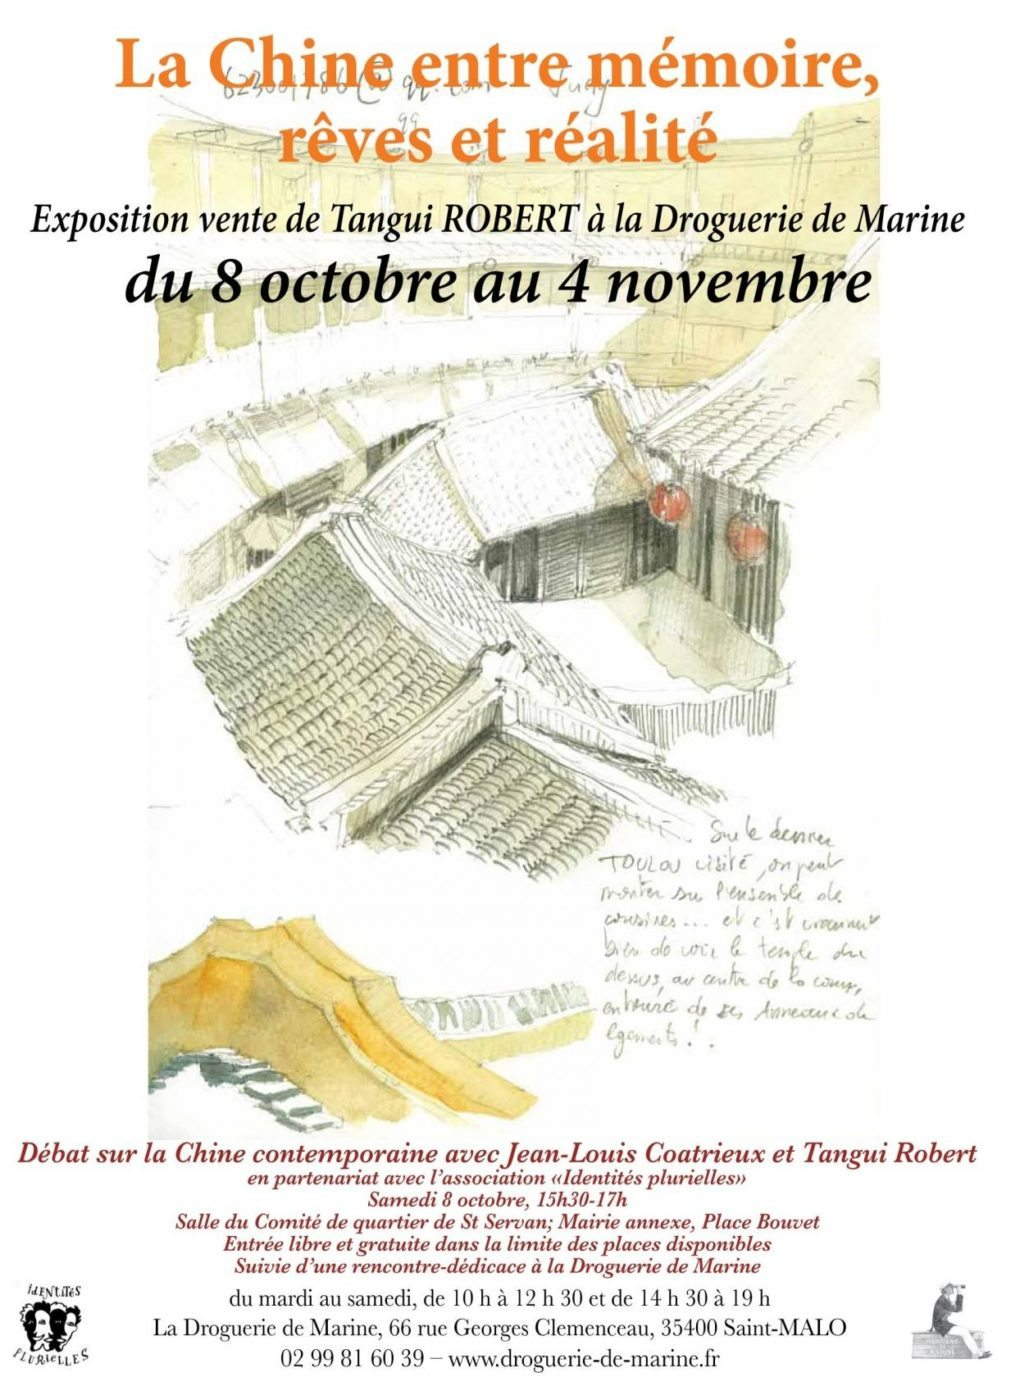 La Chine entre mémoire, rêves, réalité, de Tangui Robert Saint-Malo